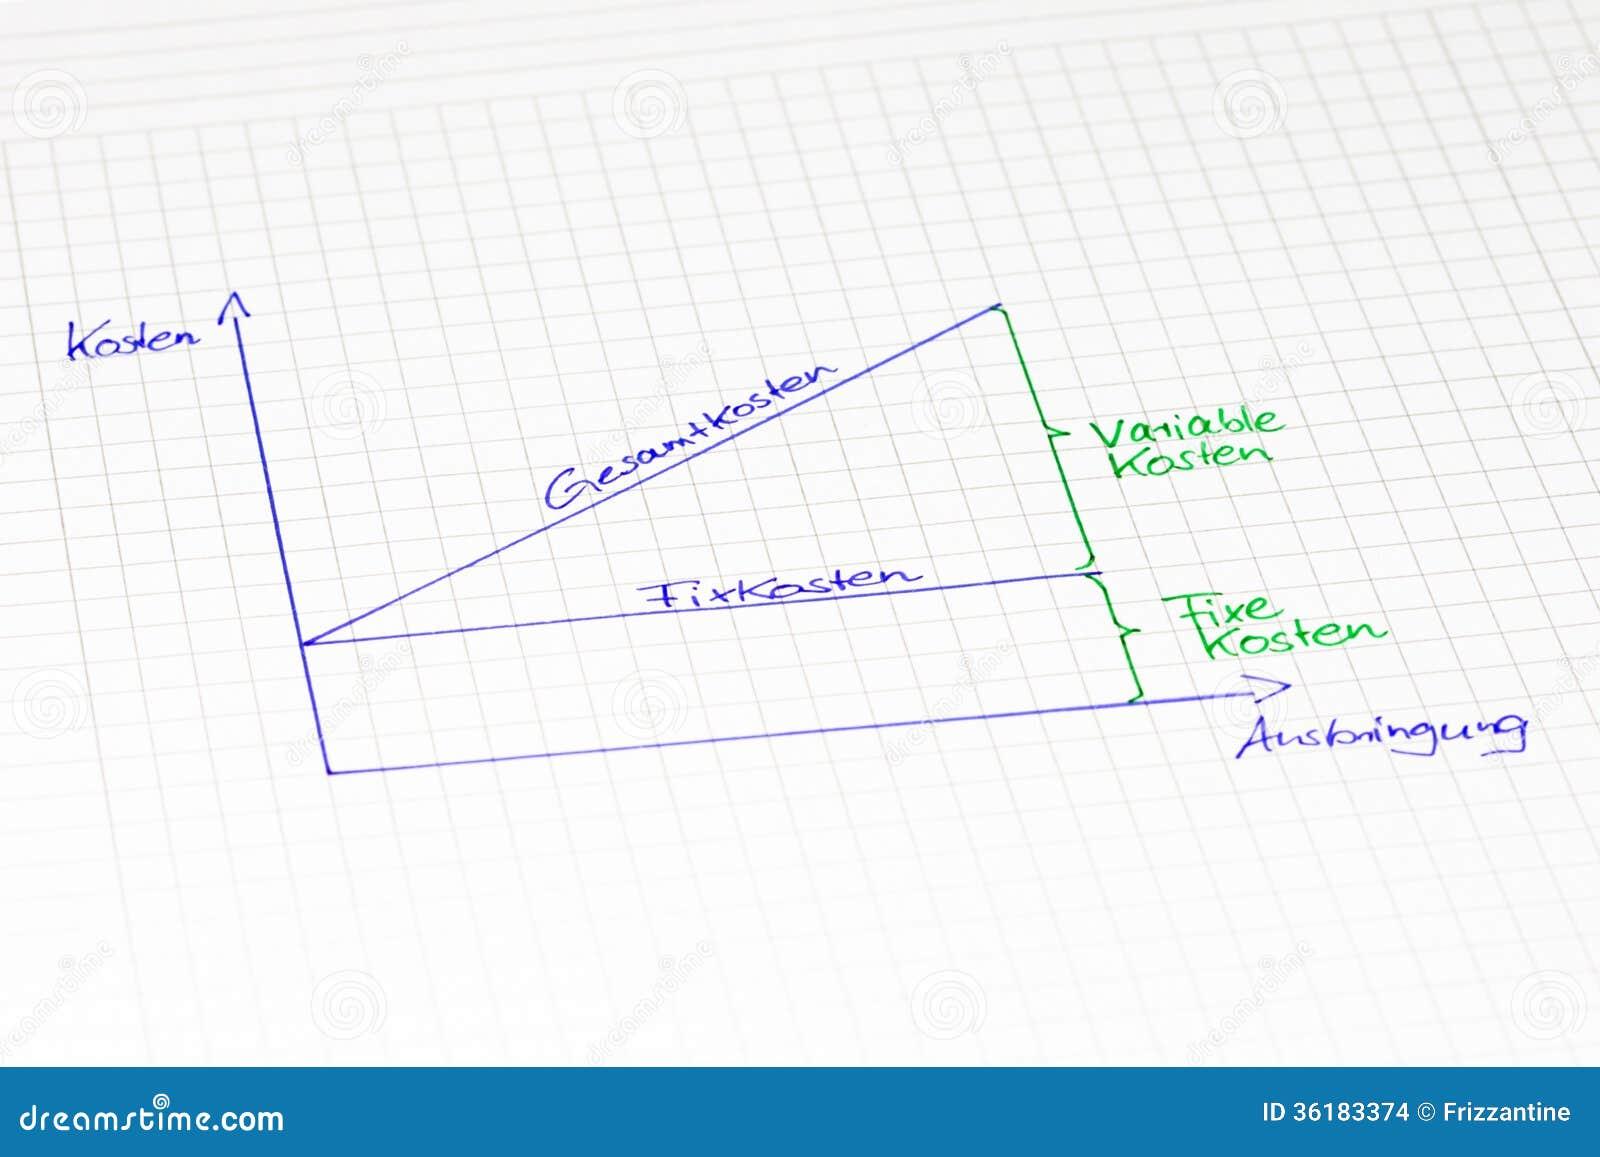 Visión de conjunto gráfica: Punto de equilibrio en lengua alemana